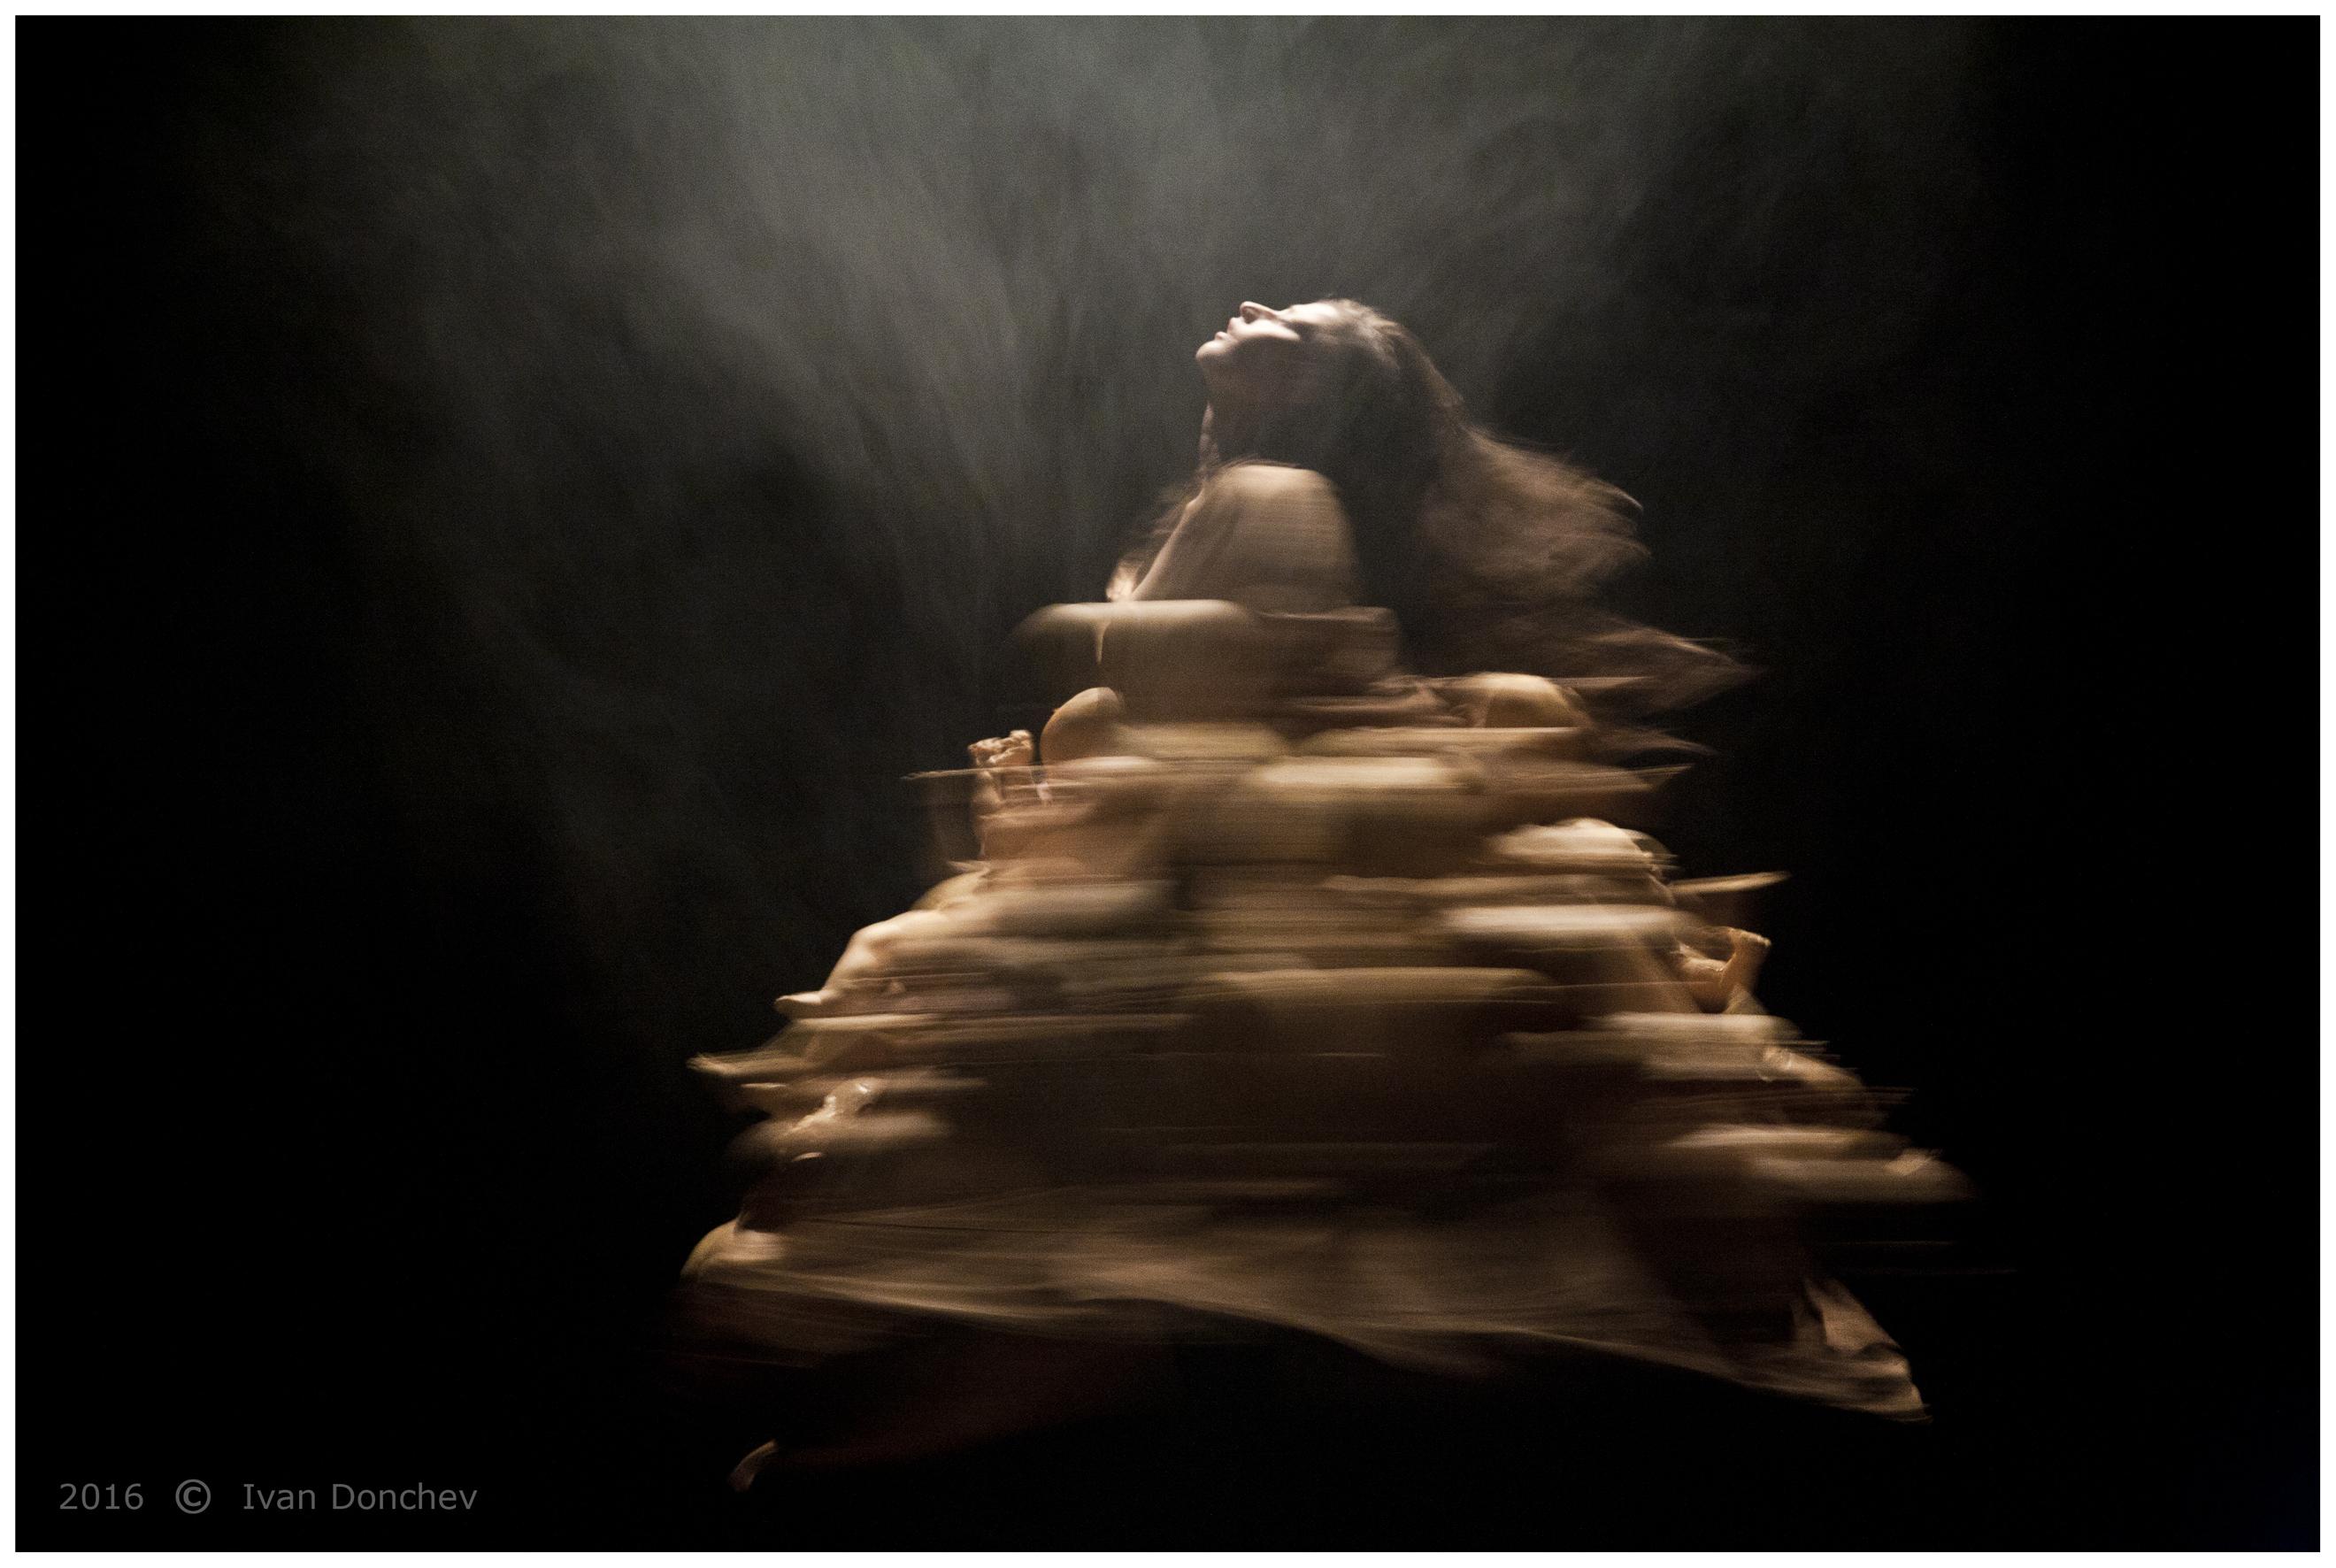 Queen of spades _088